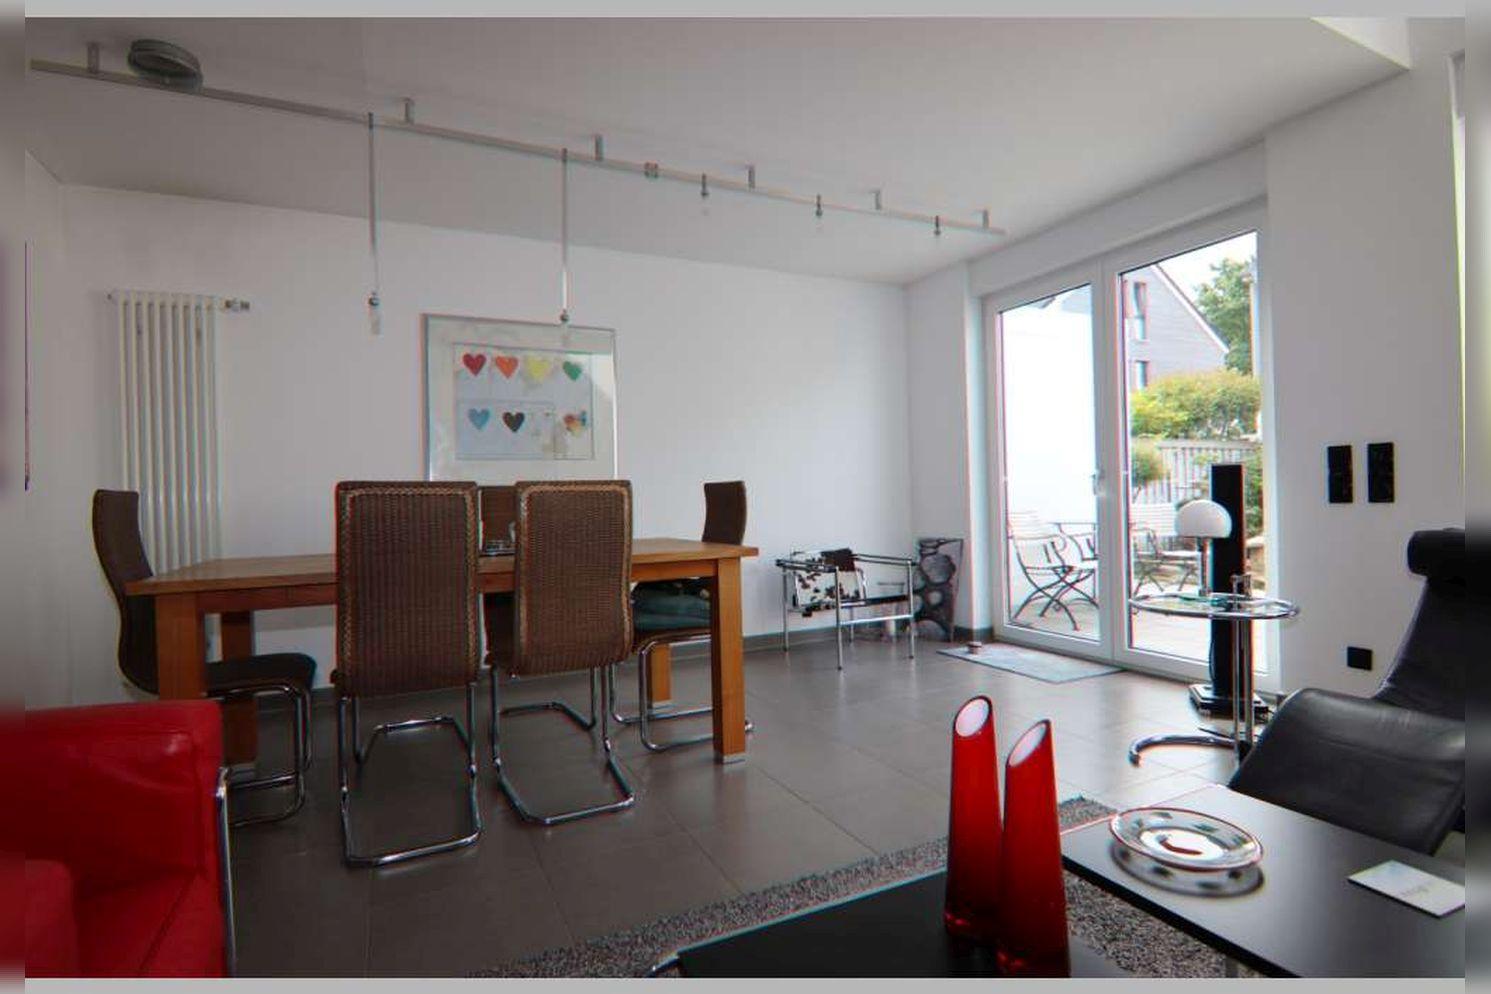 Immobilie Nr.0267 - Doppelhaushälfte mit 4 Zimmern, Küche, Diele, Badzimmer, Gäste-WC, Garten und Garage - nicht unterkellert - Bild 8.jpg